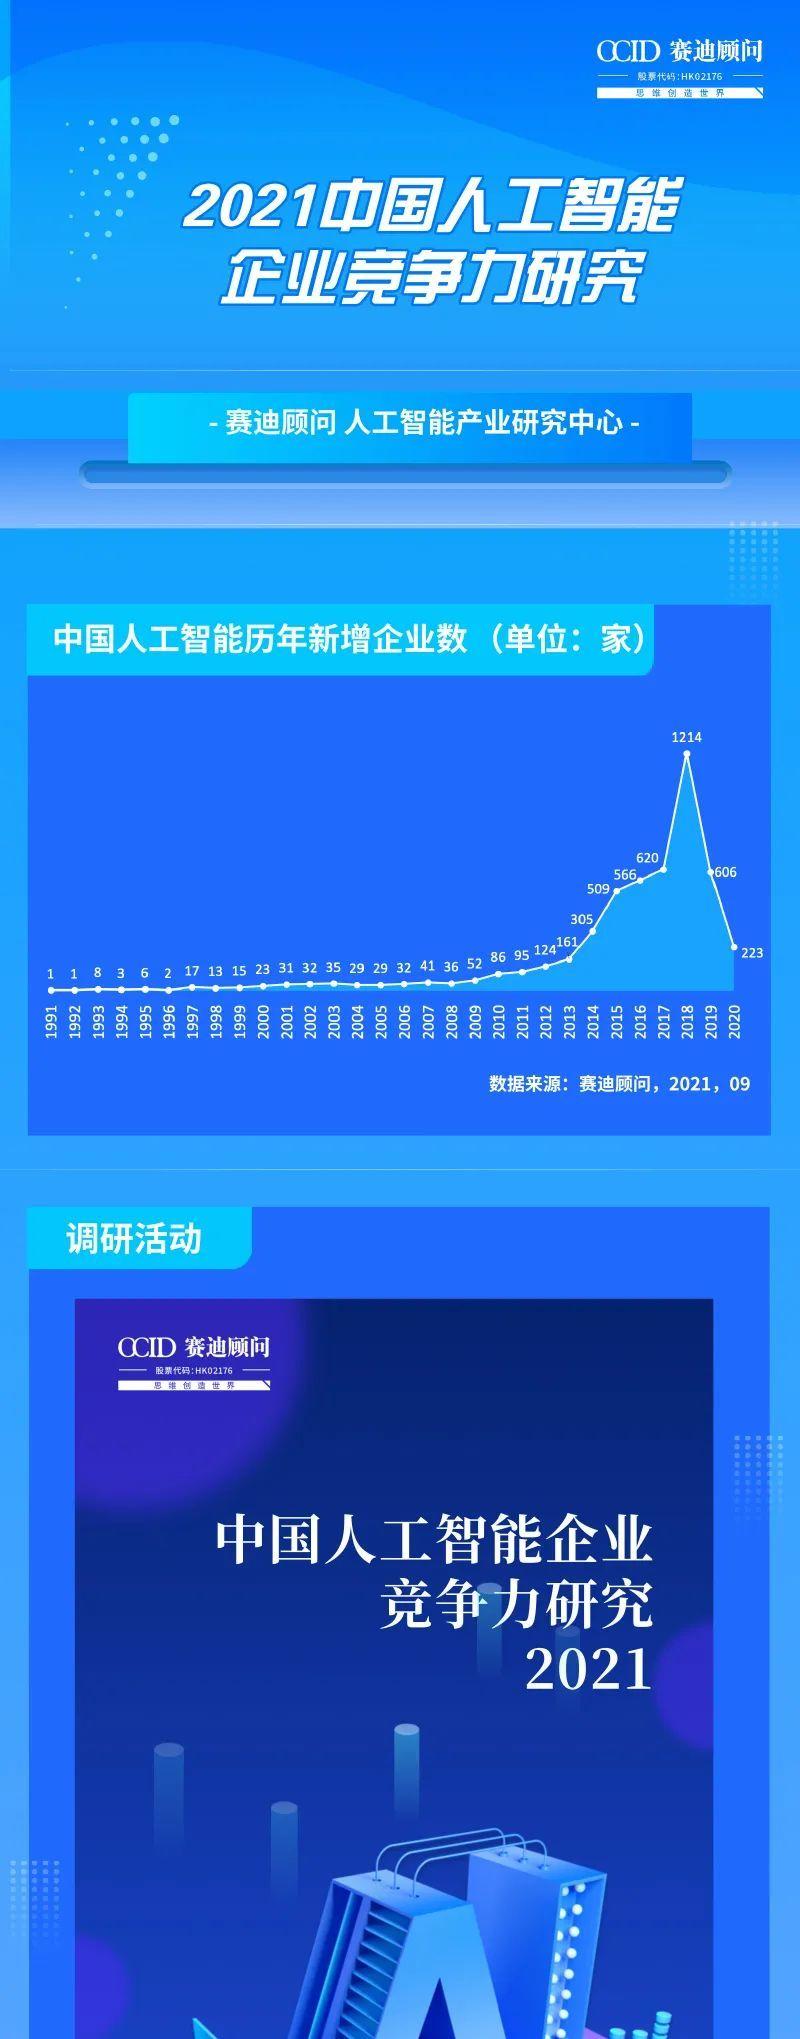 调研|赛迪顾问开展2021中国人工智能企业竞争力调研